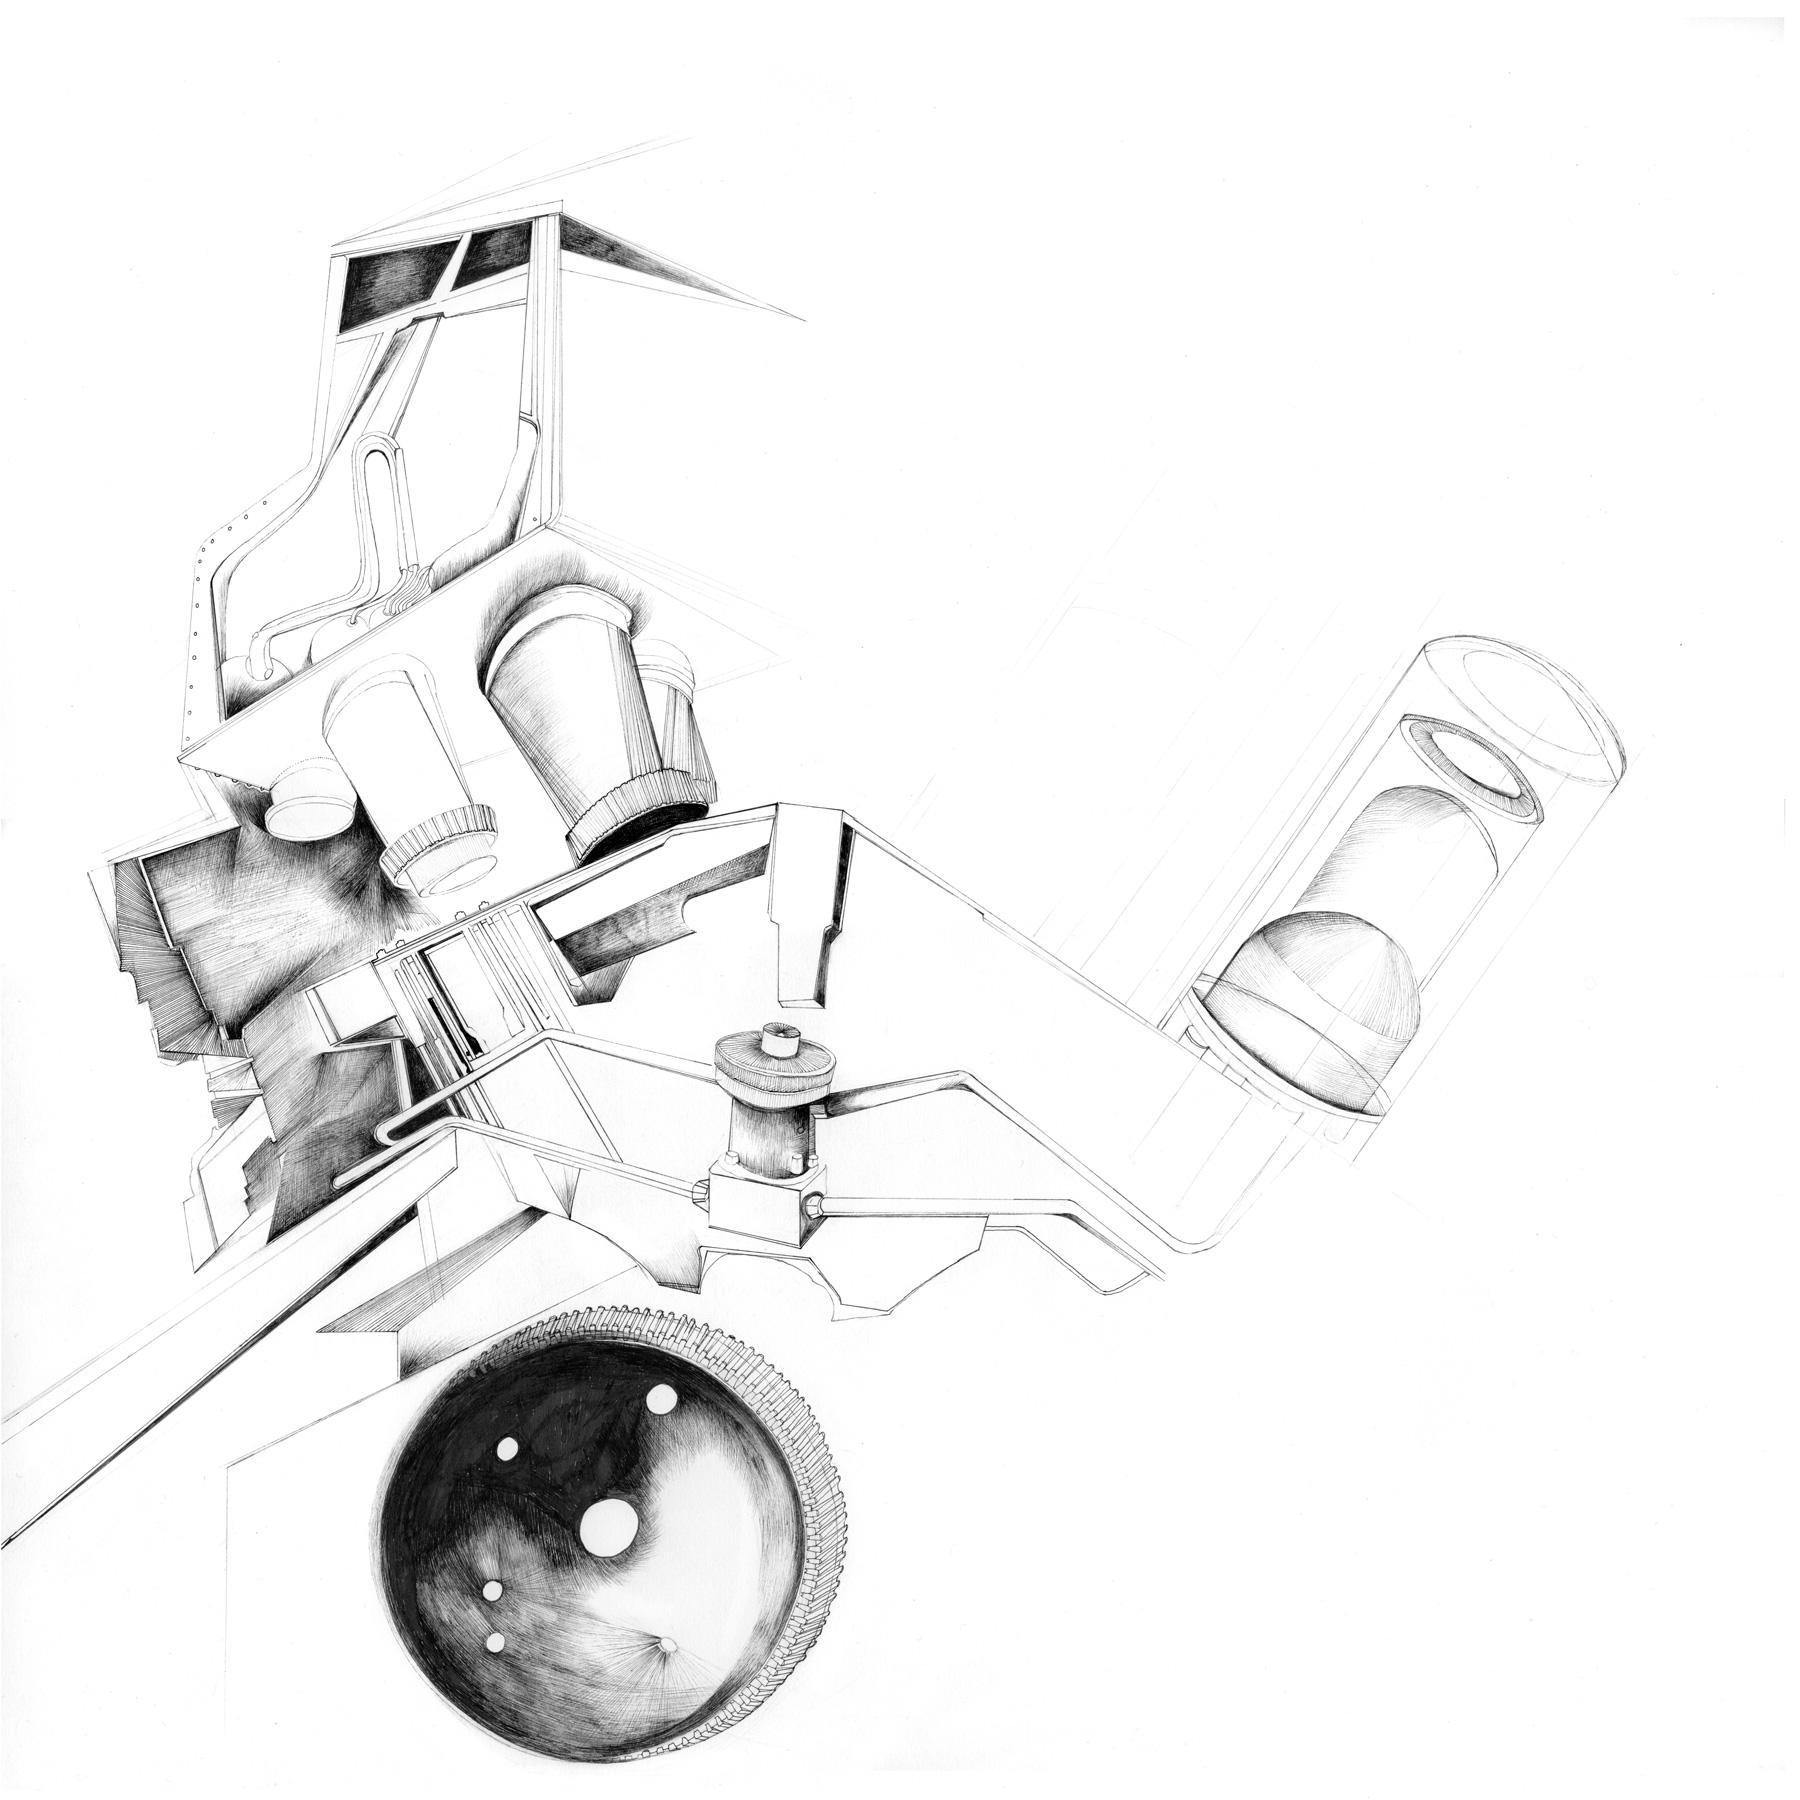 Nina Annabelle Märkl | Untitled | Ink on paper | 40 x 40 cm | 2014